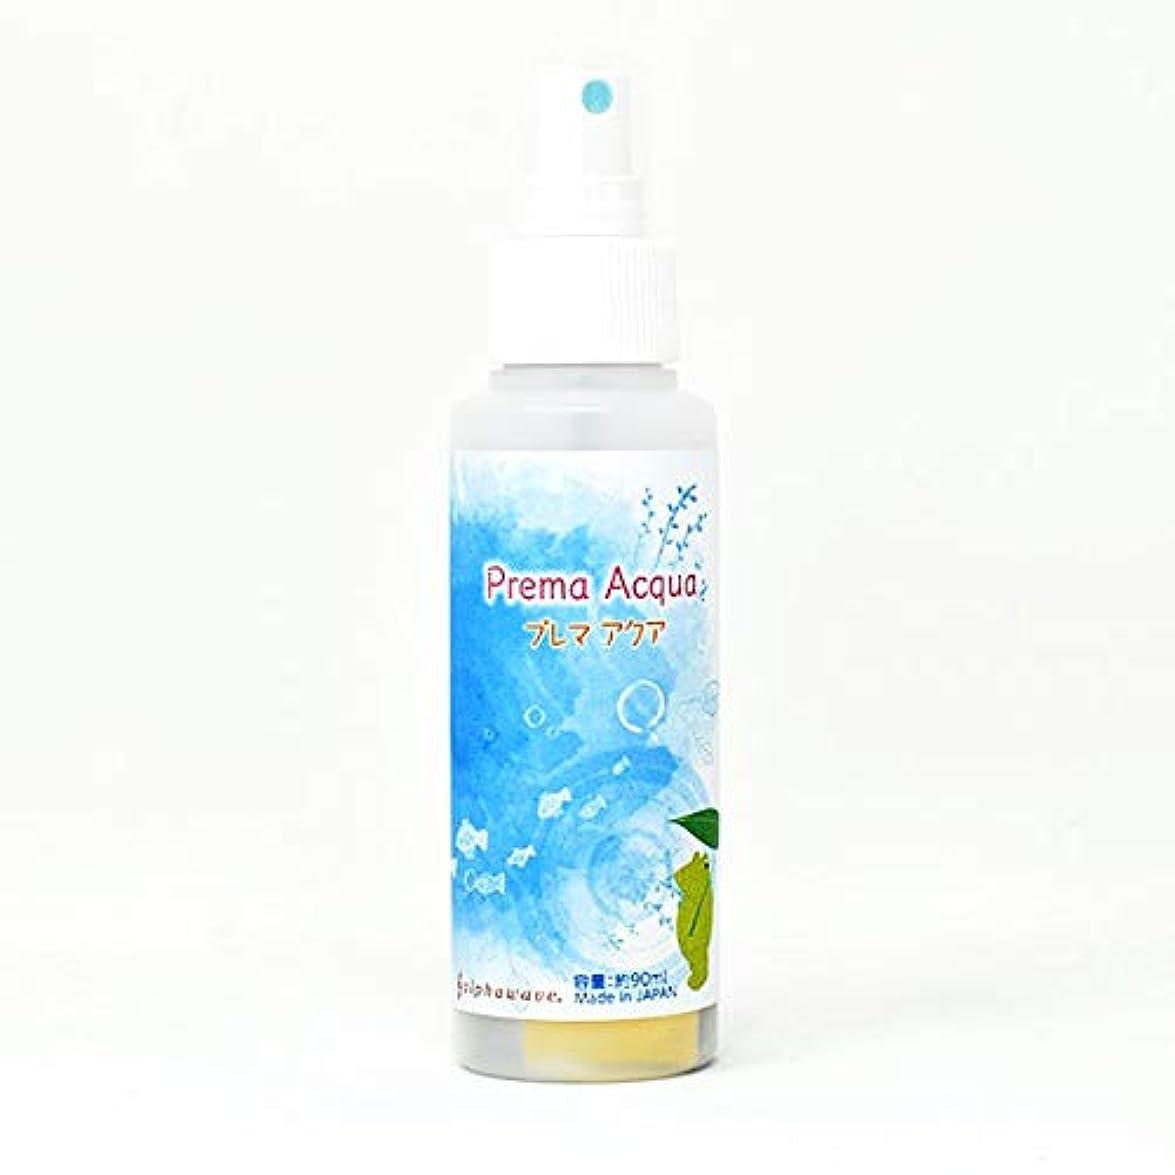 機能水生成器「プレマアクア」